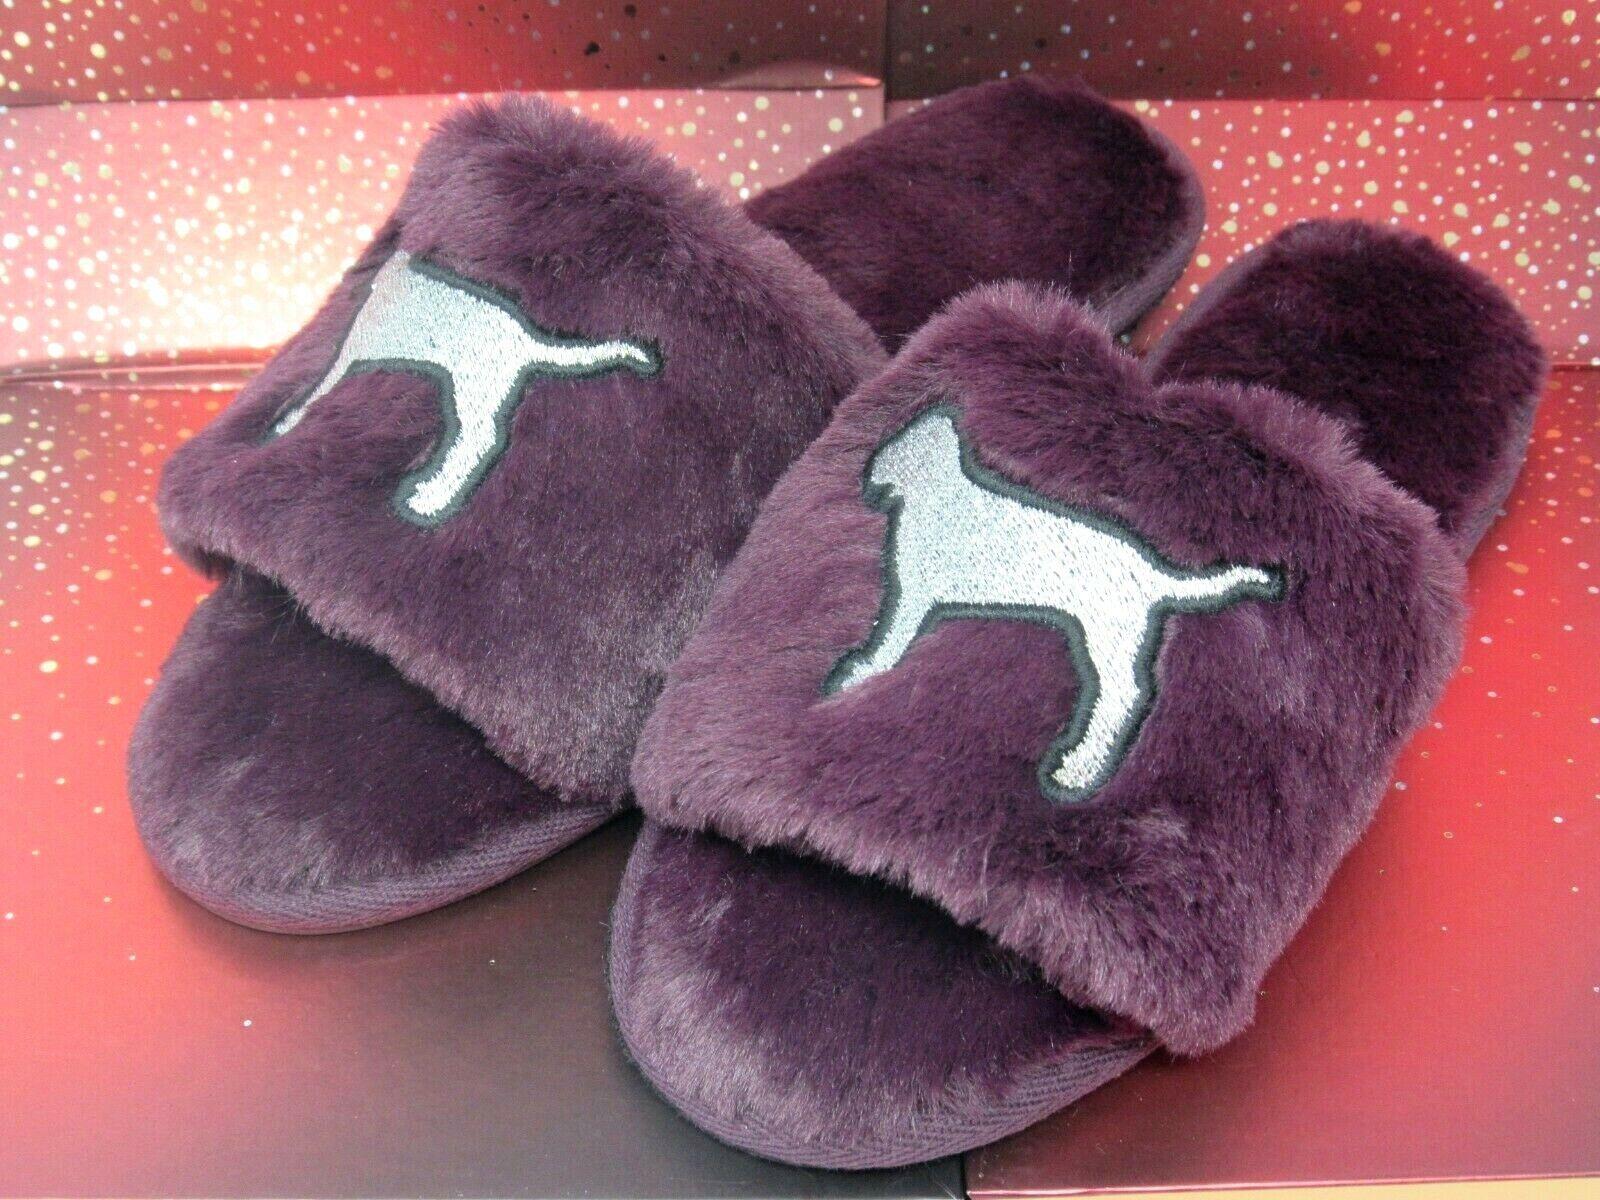 Victoria's Secret Pink Slipper, Slides, Super Soft, Dorm Perfect Burgundy Plum S